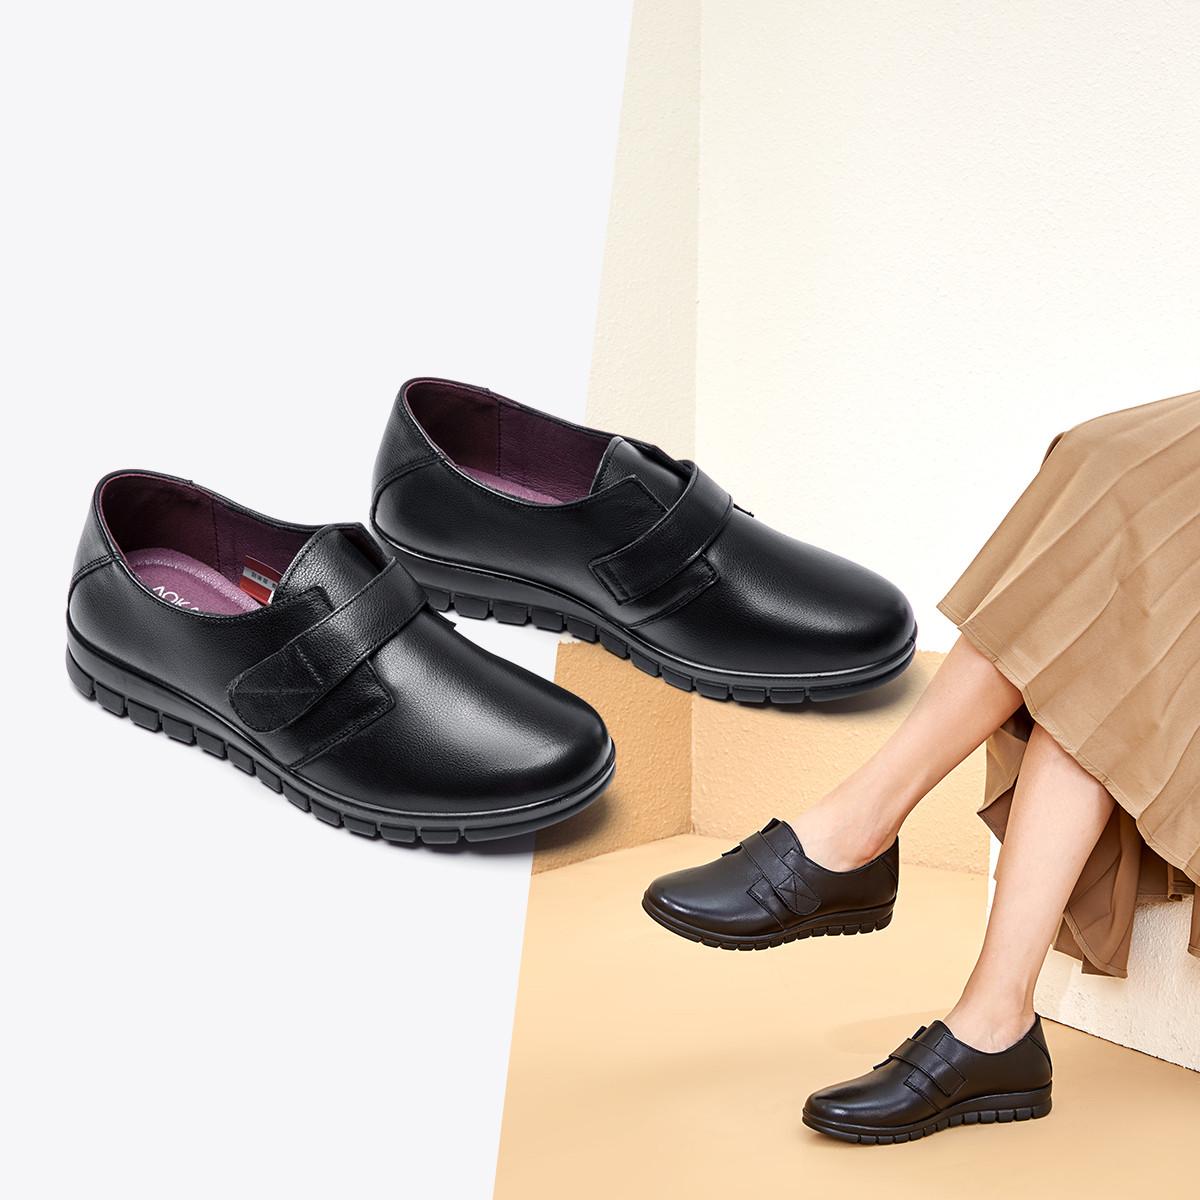 【爆款推荐】奥康女鞋 春季魔术贴舒适便捷妈妈女单鞋